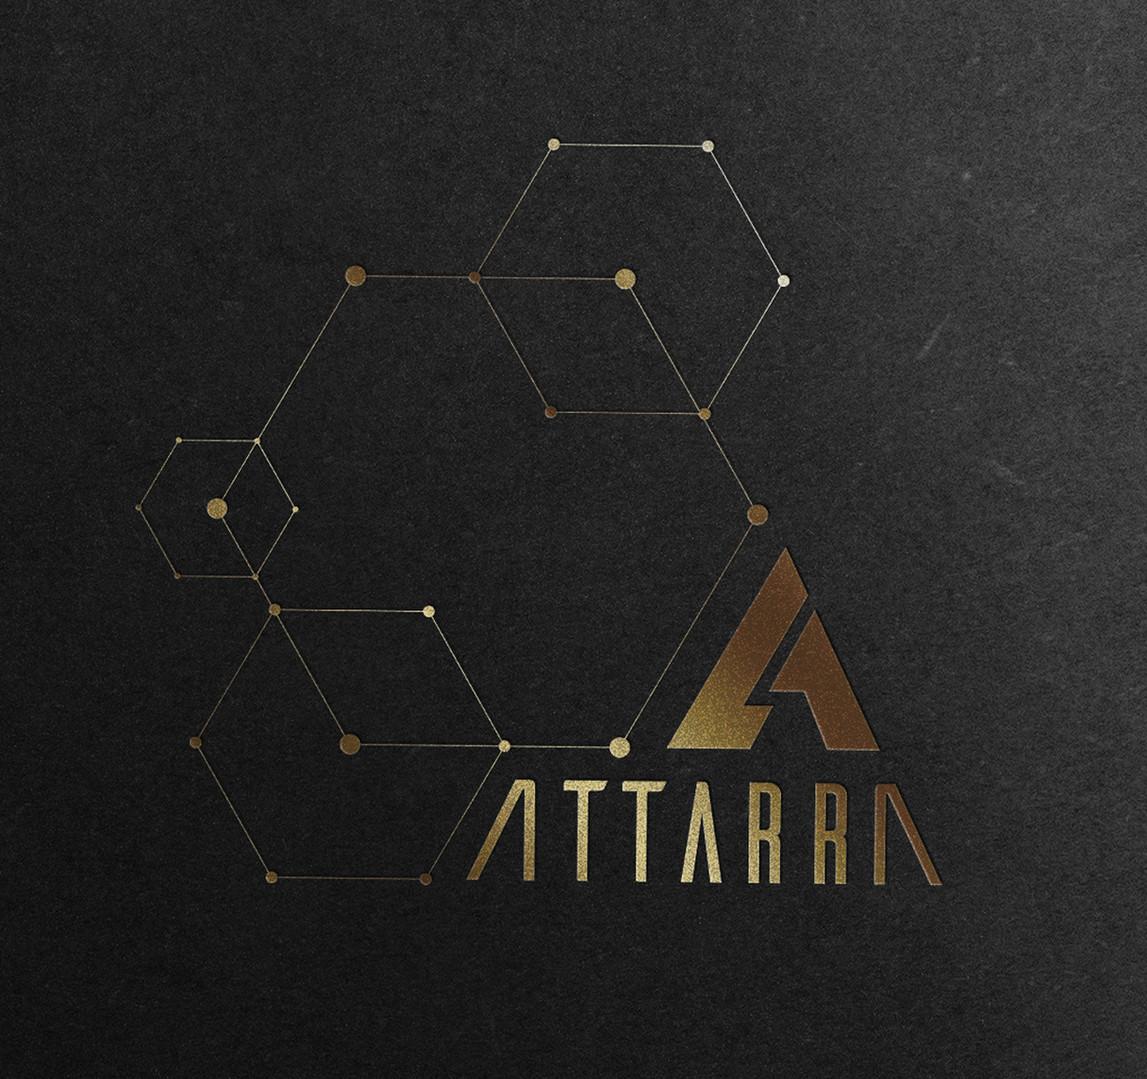 Attarra-logo-1.jpg